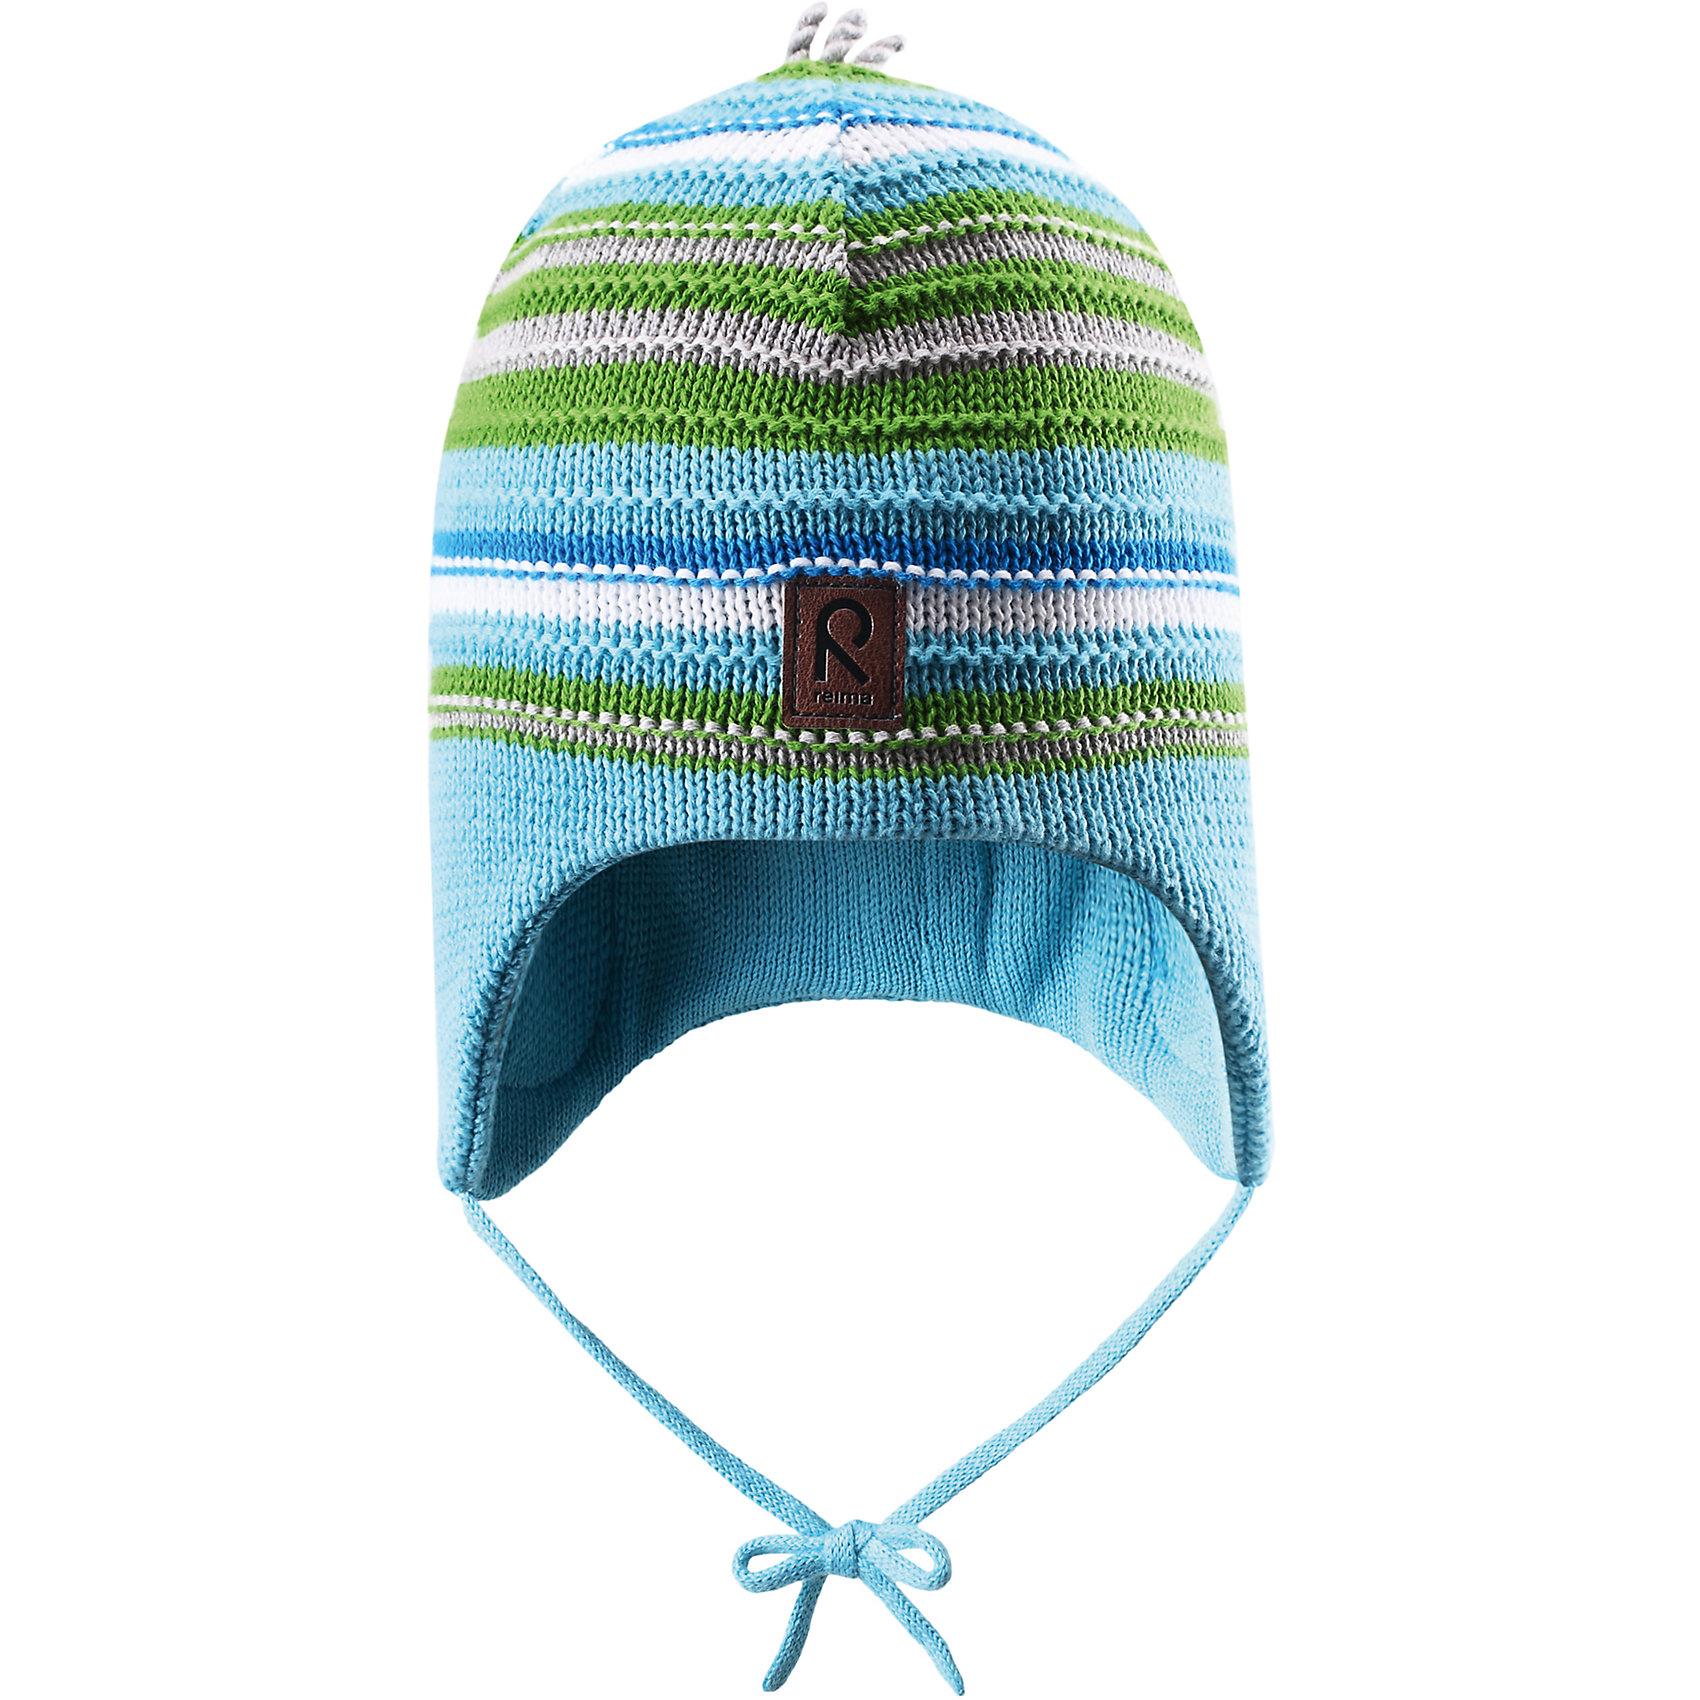 Шапка для мальчика ReimaВесне мы дарим свежесть красок! Эта веселая полосатая шапочка для малышей — идеальный выбор для теплых весенних деньков. Она изготовлена из мягкого вязаного хлопка и имеет ветронепроницаемые вставки, которые обеспечат ушкам надежную защиту. <br><br>Дополнительная информация:<br><br>Шапка «Бини» для малышей<br>Эластичная хлопчатобумажная ткань<br>Ветронепроницаемые вставки в области ушей<br>Частичная подкладка: хлопчатобумажная ткань<br>Логотип Reima® спереди<br>Состав:<br>100% хлопок<br>Уход:<br>Стирать по отдельности, вывернув наизнанку. Придать первоначальную форму вo влажном виде. Возможна усадка 5 %.<br><br>Ширина мм: 89<br>Глубина мм: 117<br>Высота мм: 44<br>Вес г: 155<br>Цвет: бирюзовый<br>Возраст от месяцев: 9<br>Возраст до месяцев: 12<br>Пол: Мужской<br>Возраст: Детский<br>Размер: 46,50,48,52<br>SKU: 4498065